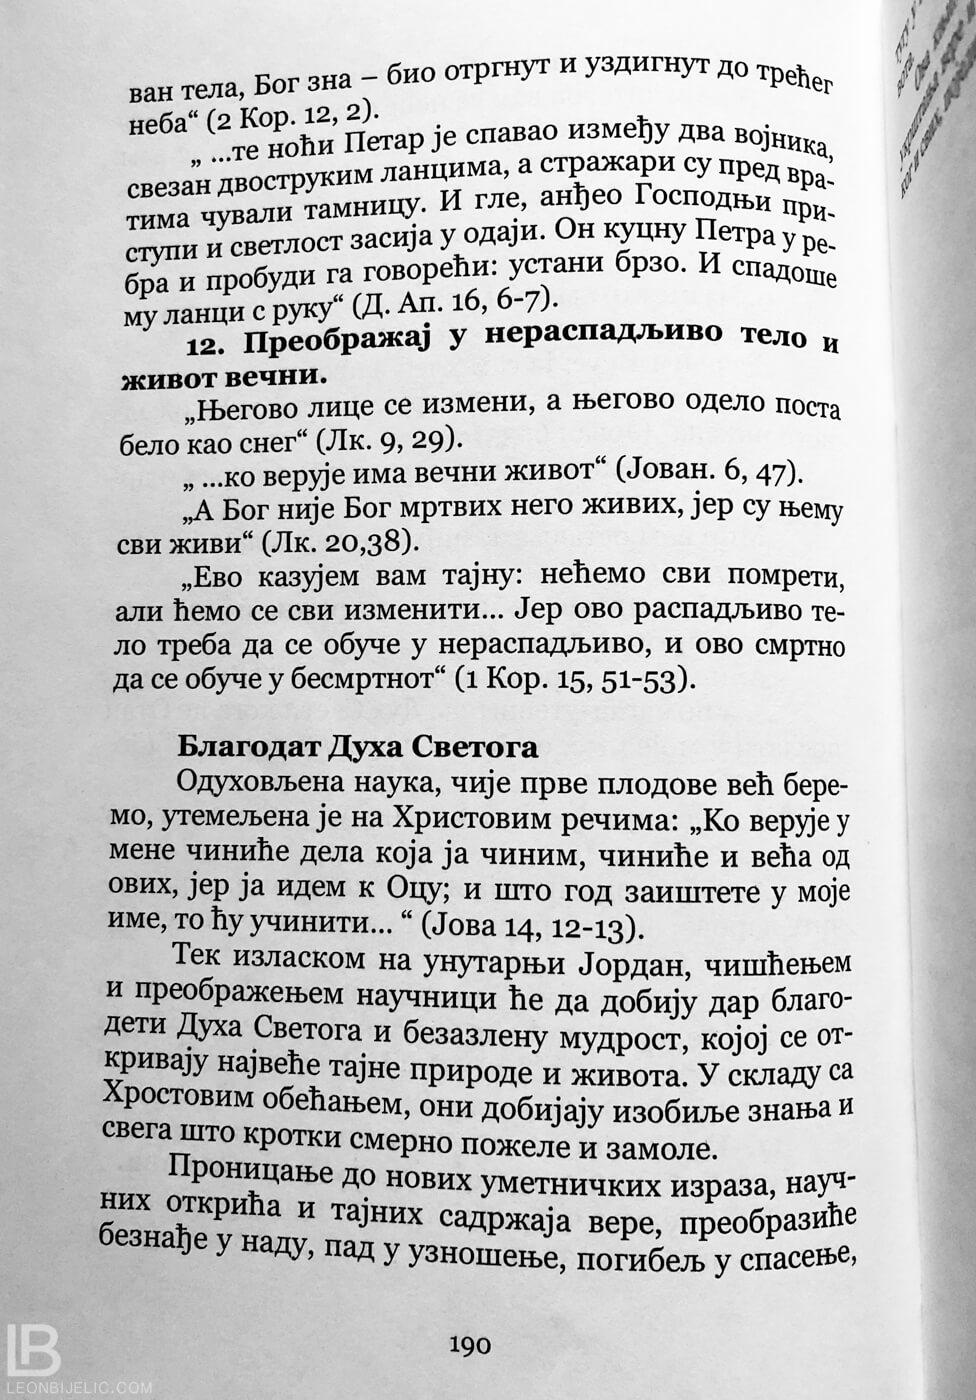 Citati iz knjige - Moć je u mislima - Spasoje Vlajić - Psihologija Uspeha - Ostvarivanje želja - Molitva - Ka večnom životu